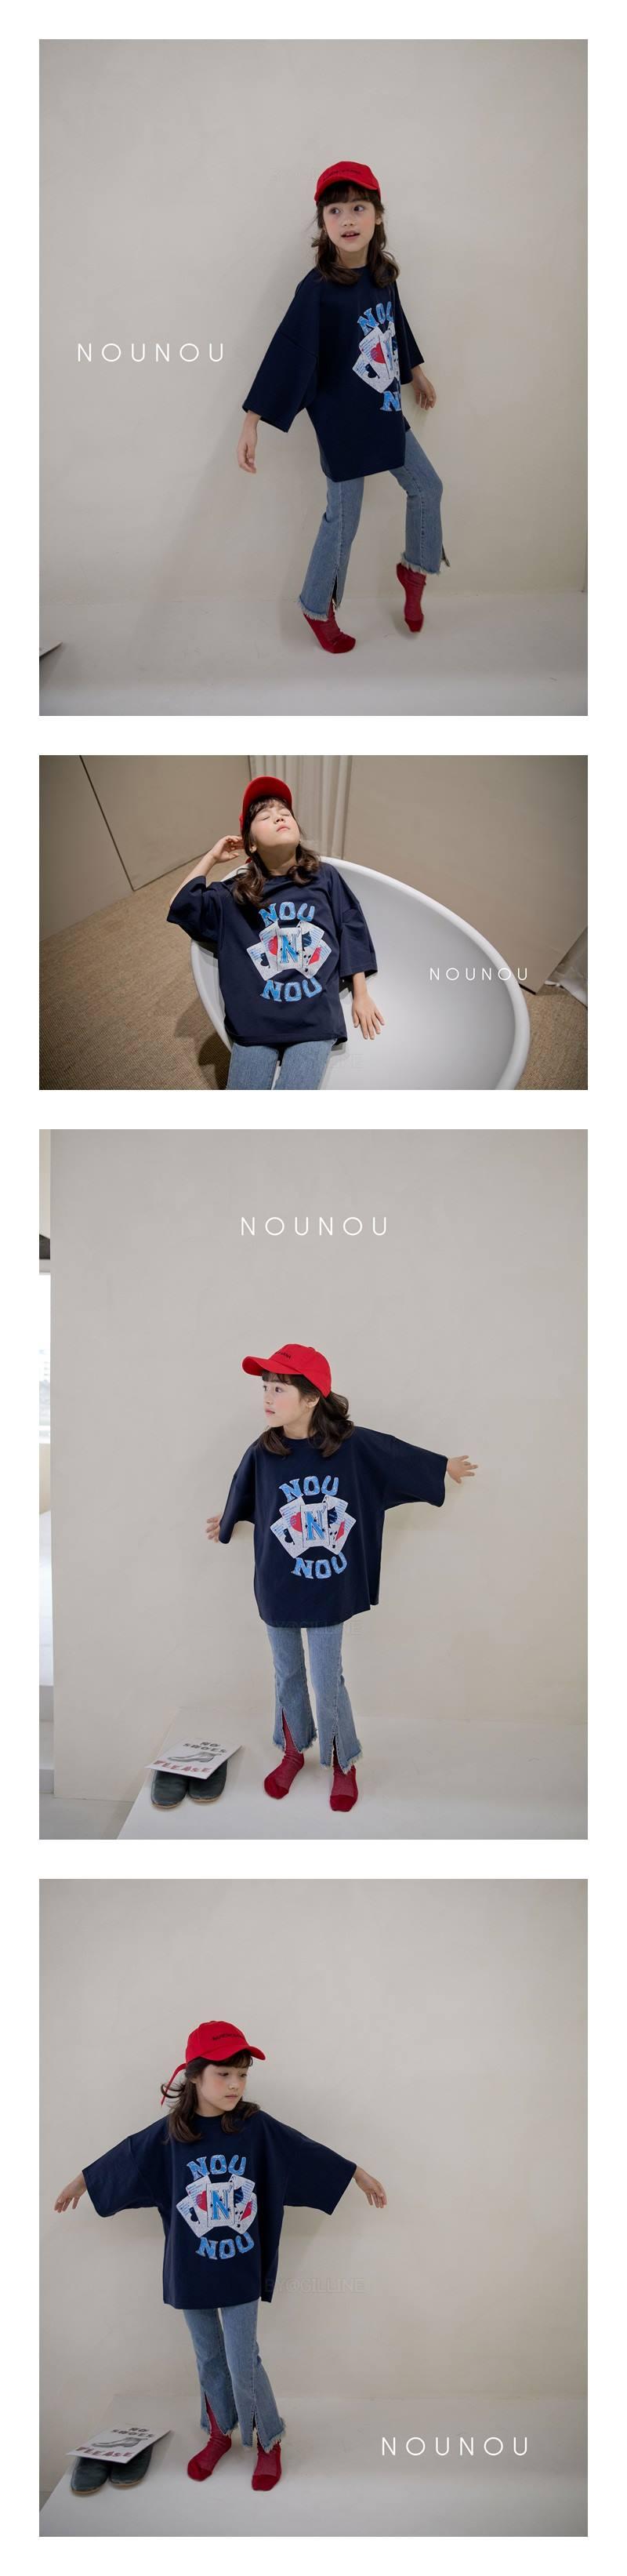 NOUNOU - Korean Children Fashion - #Kfashion4kids - Nounou Card Tee